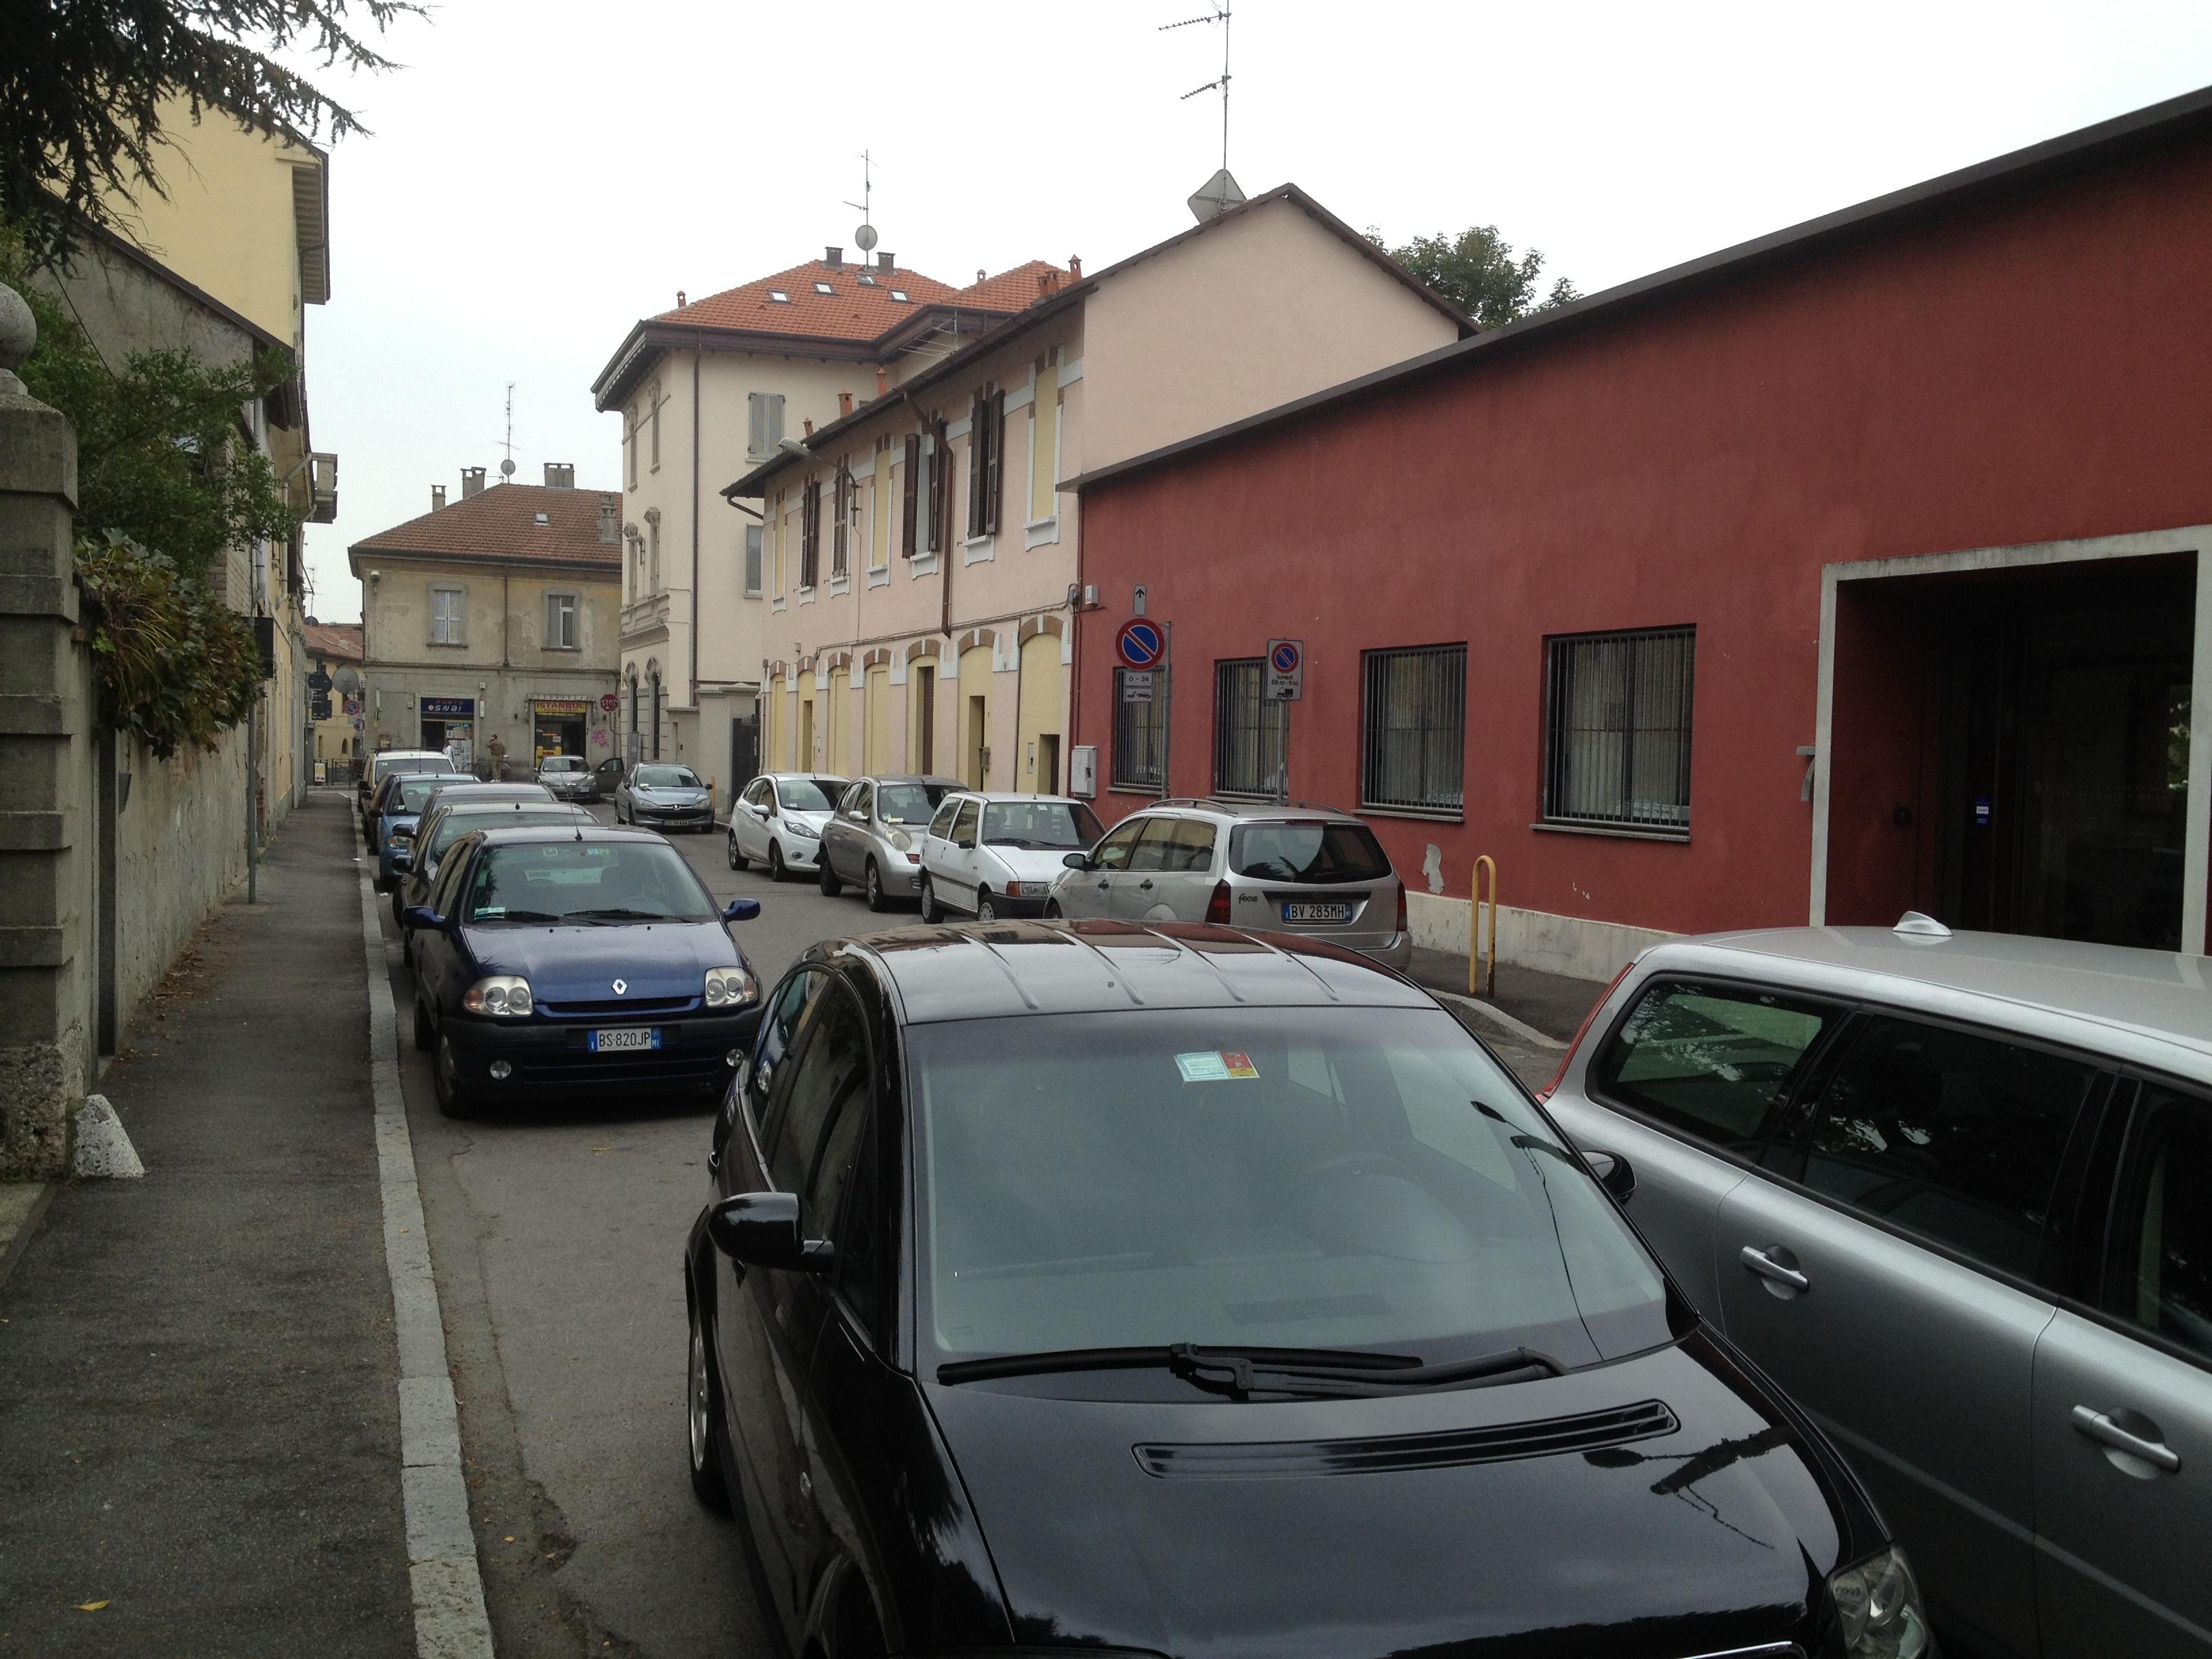 monza-via-castelfidardo-parcheggi-2